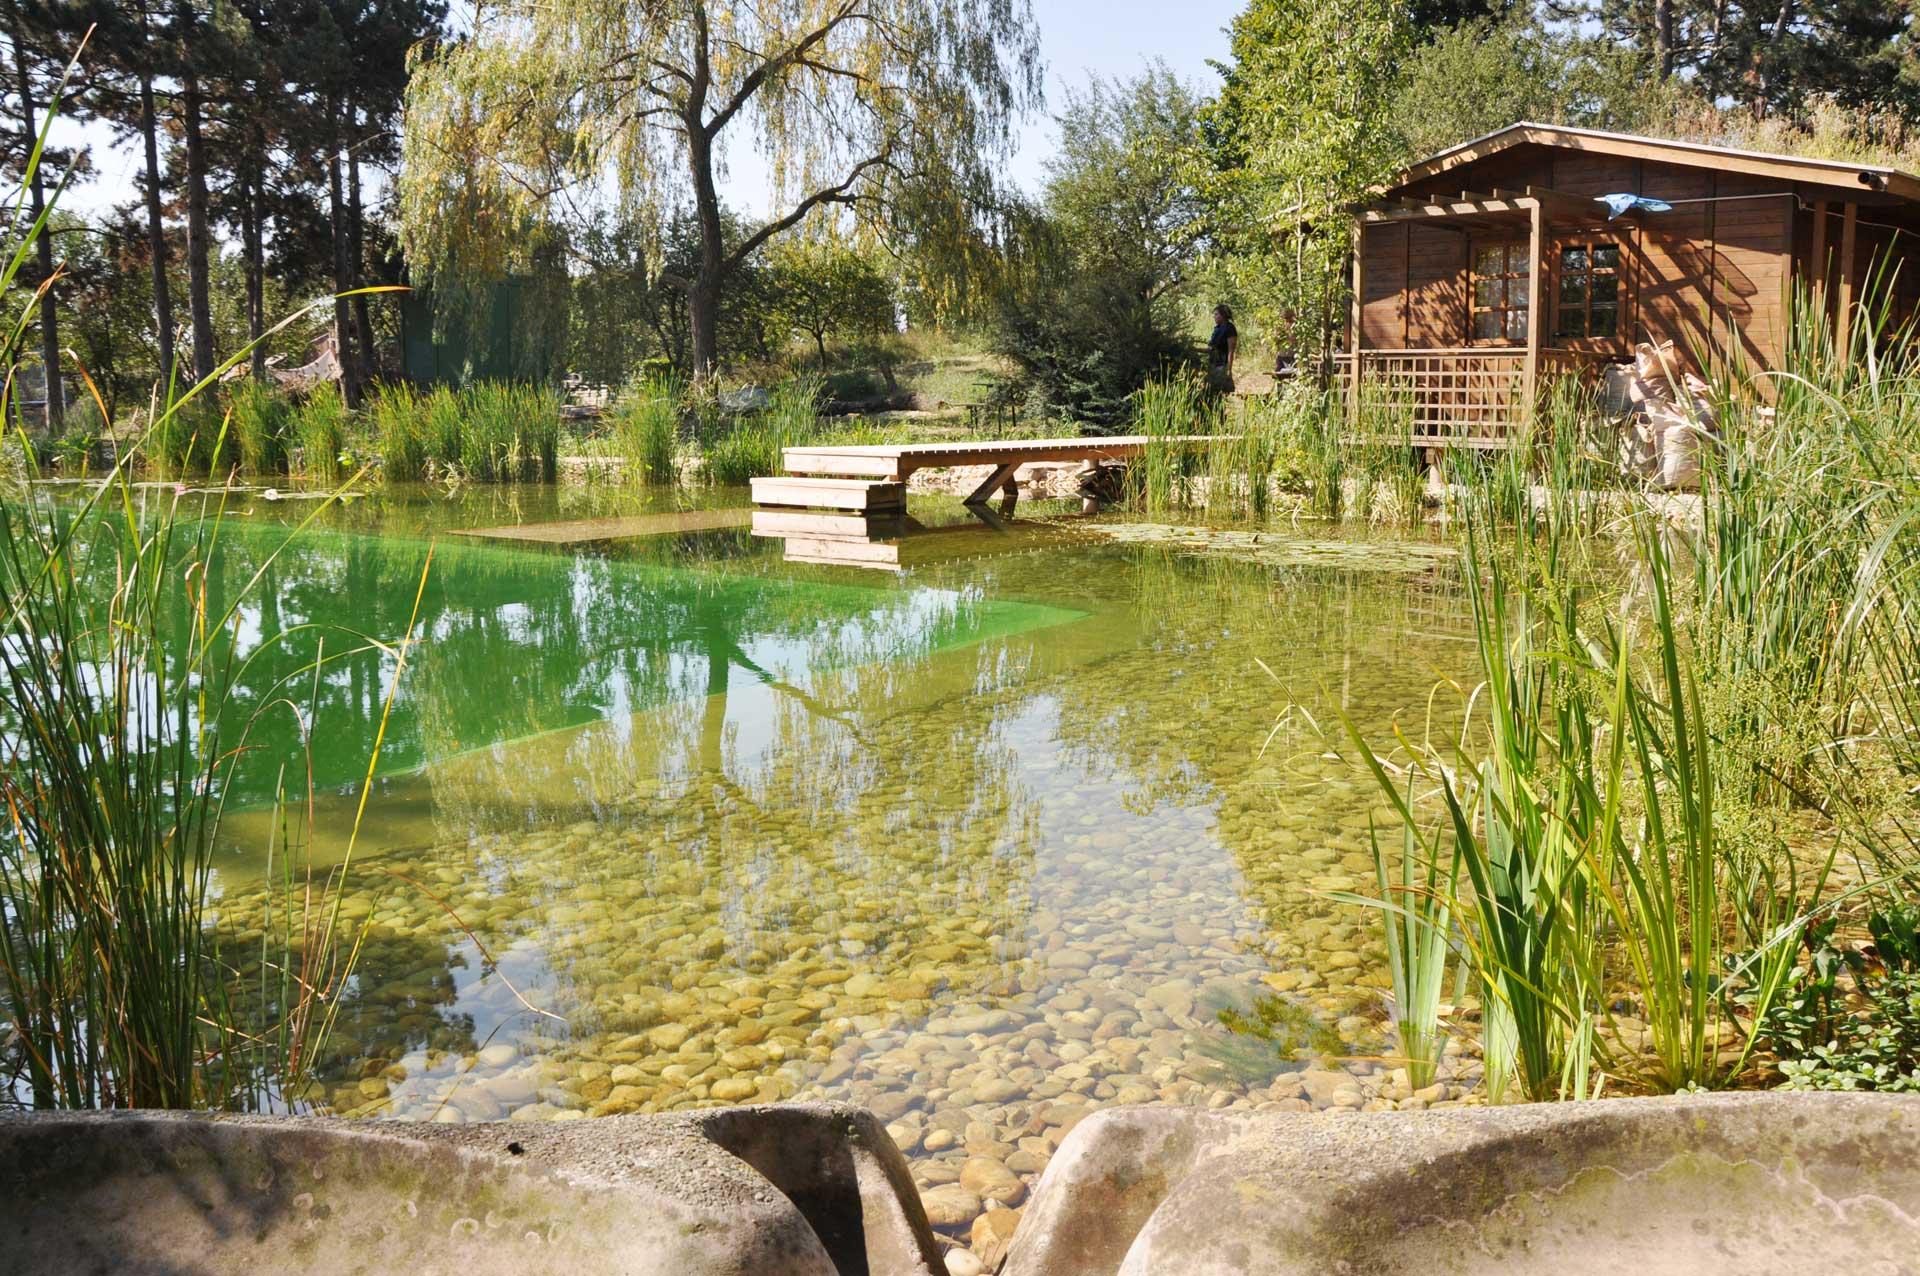 Badeteich Ökosiedlung Gärtnerhof, Gänserndorf